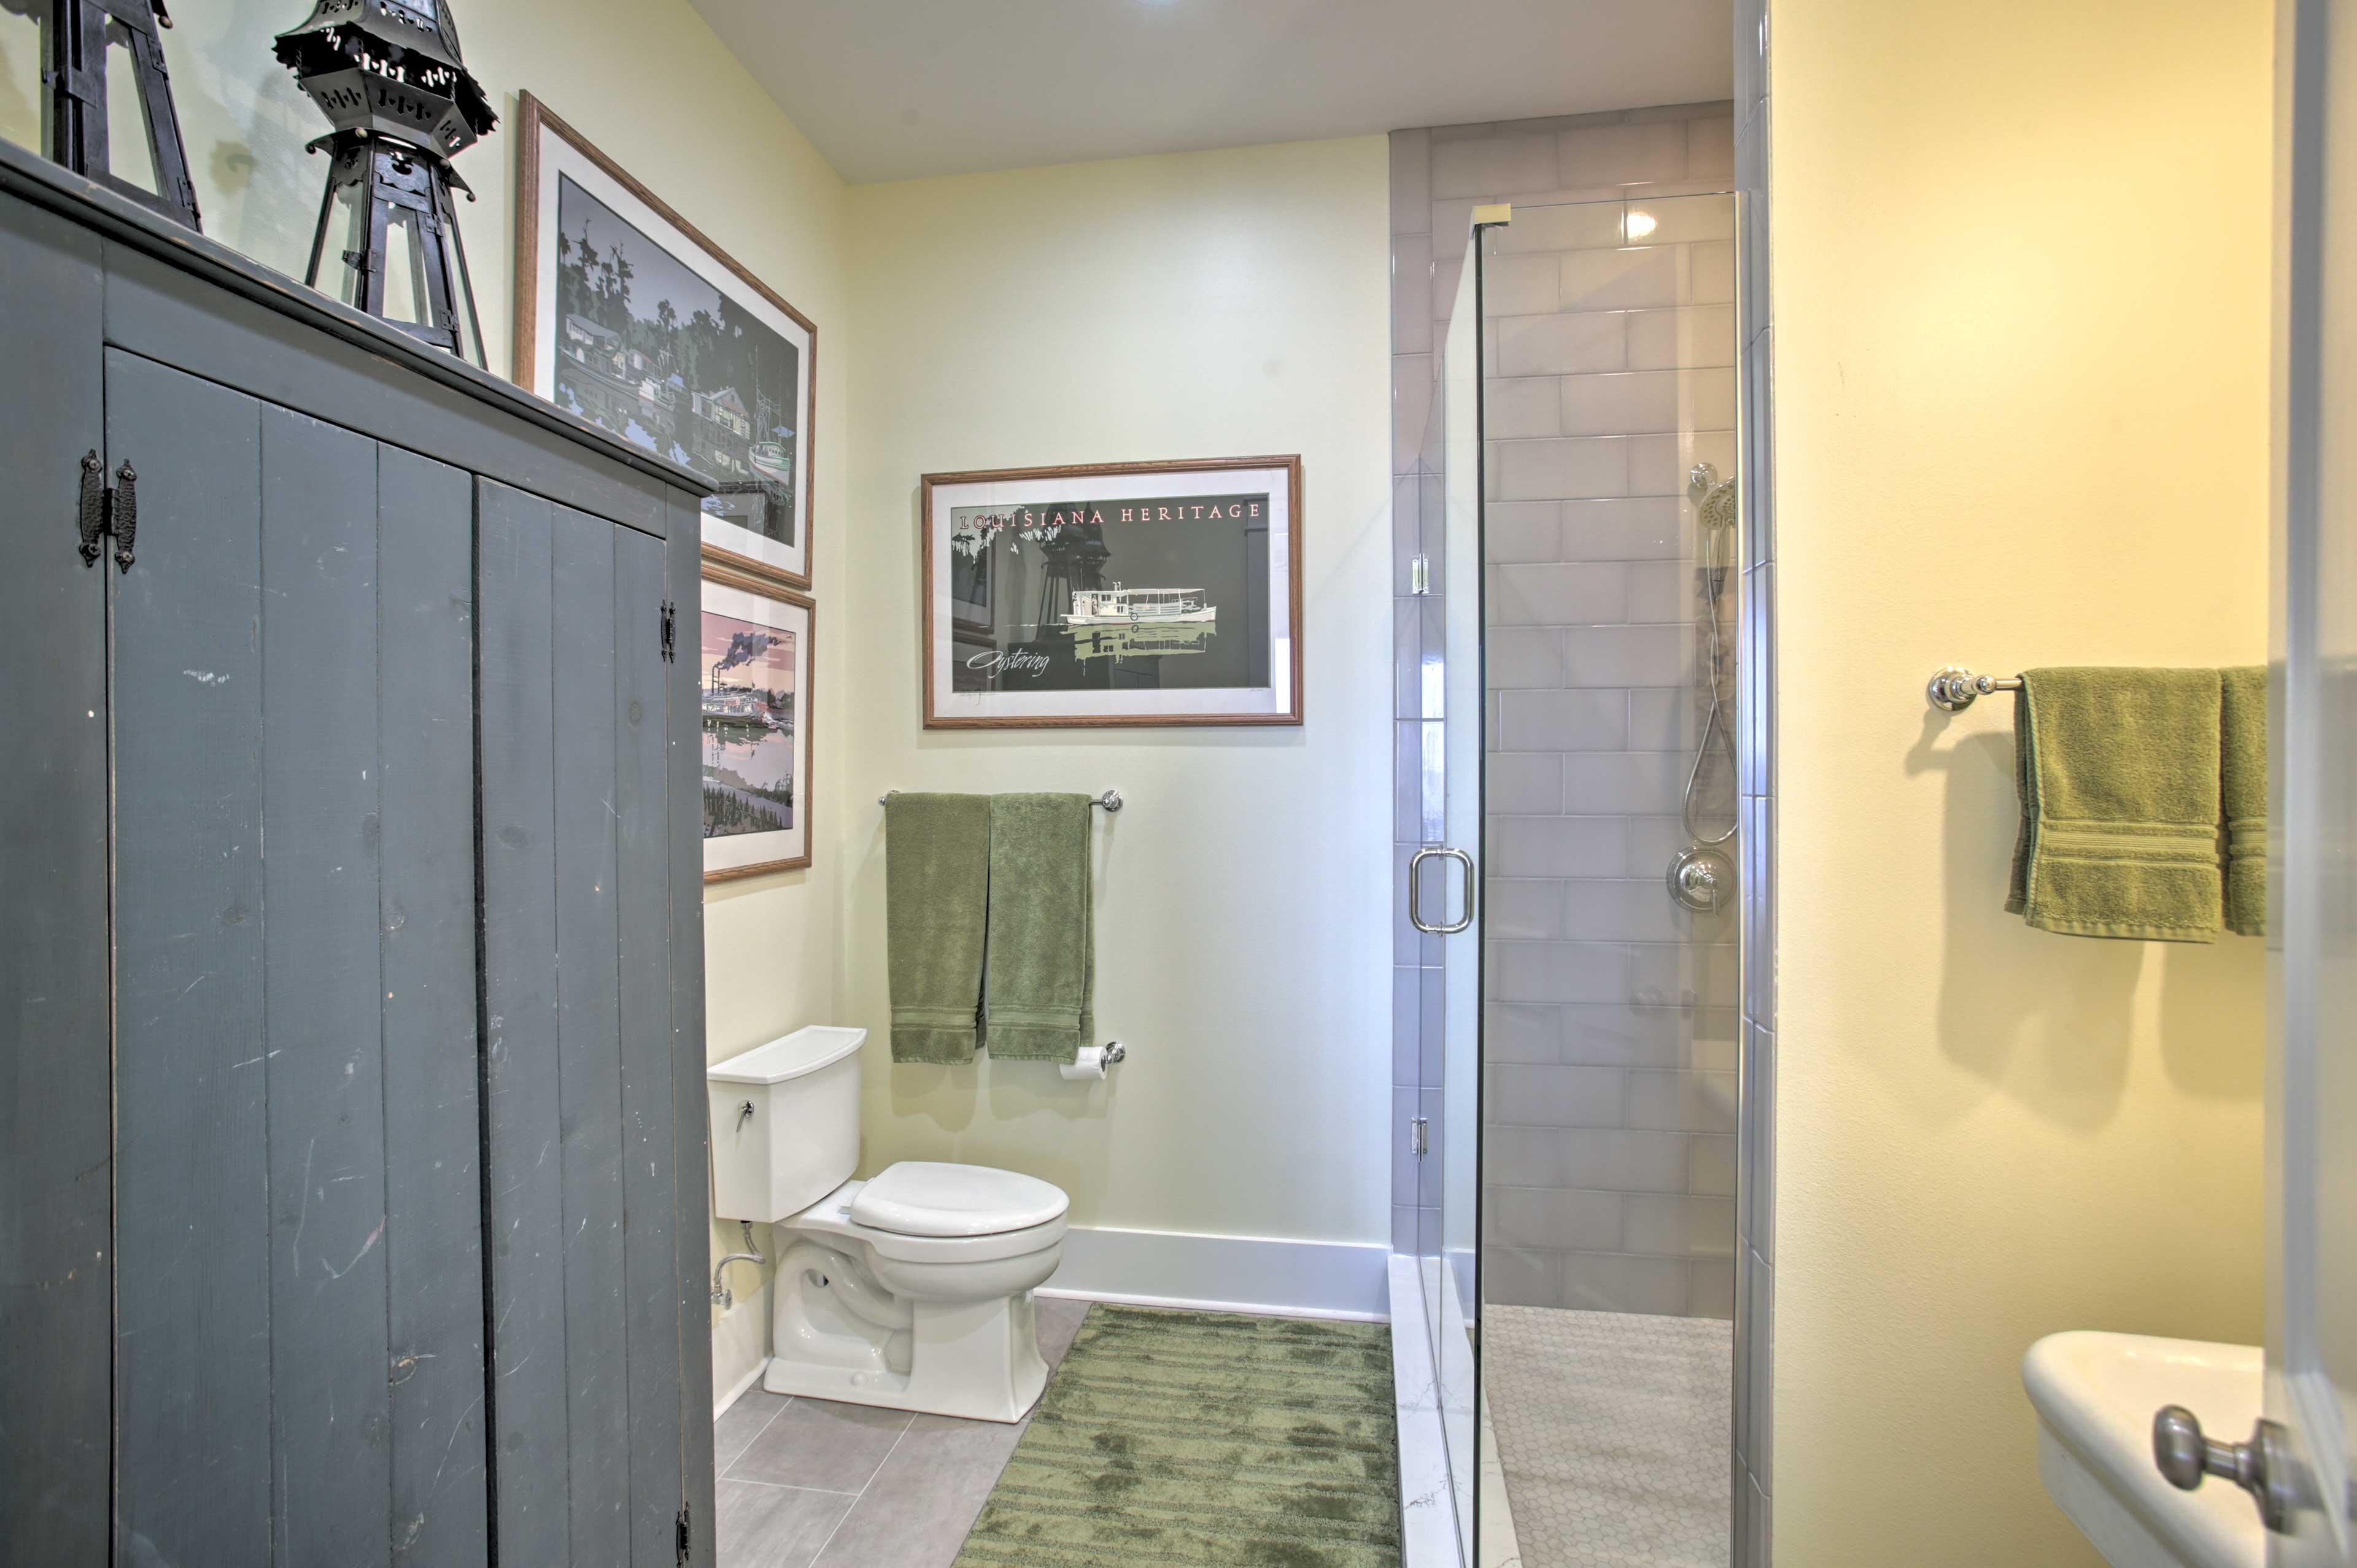 The en-suite bath features a glass-enclosed shower.